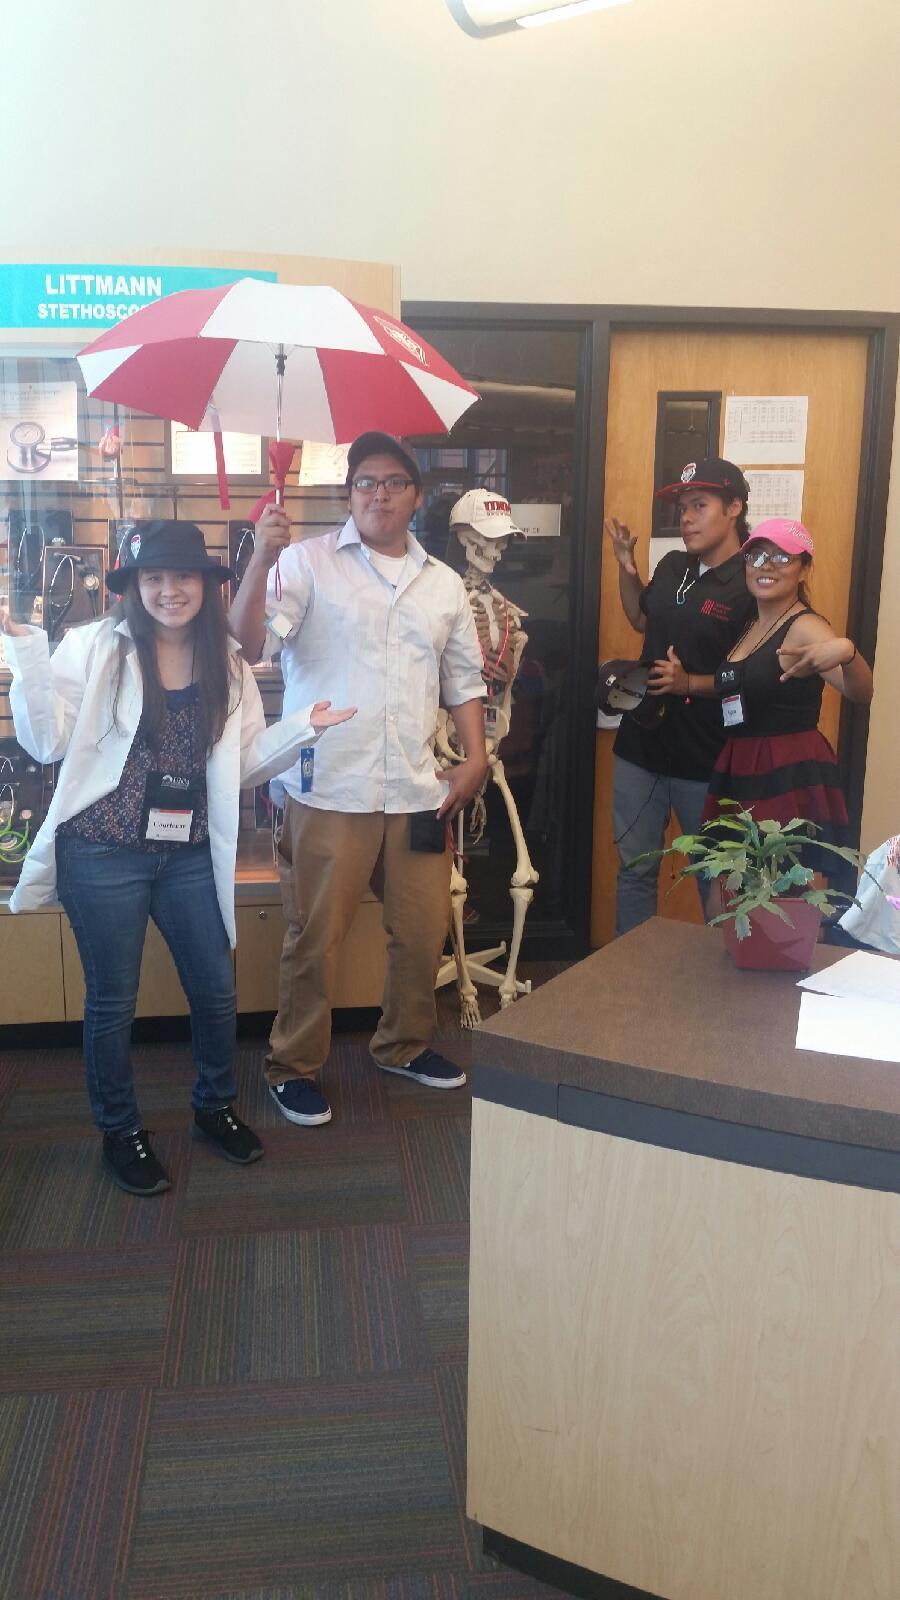 Étudiants debout à l'intérieur, posant avec un parapluie.